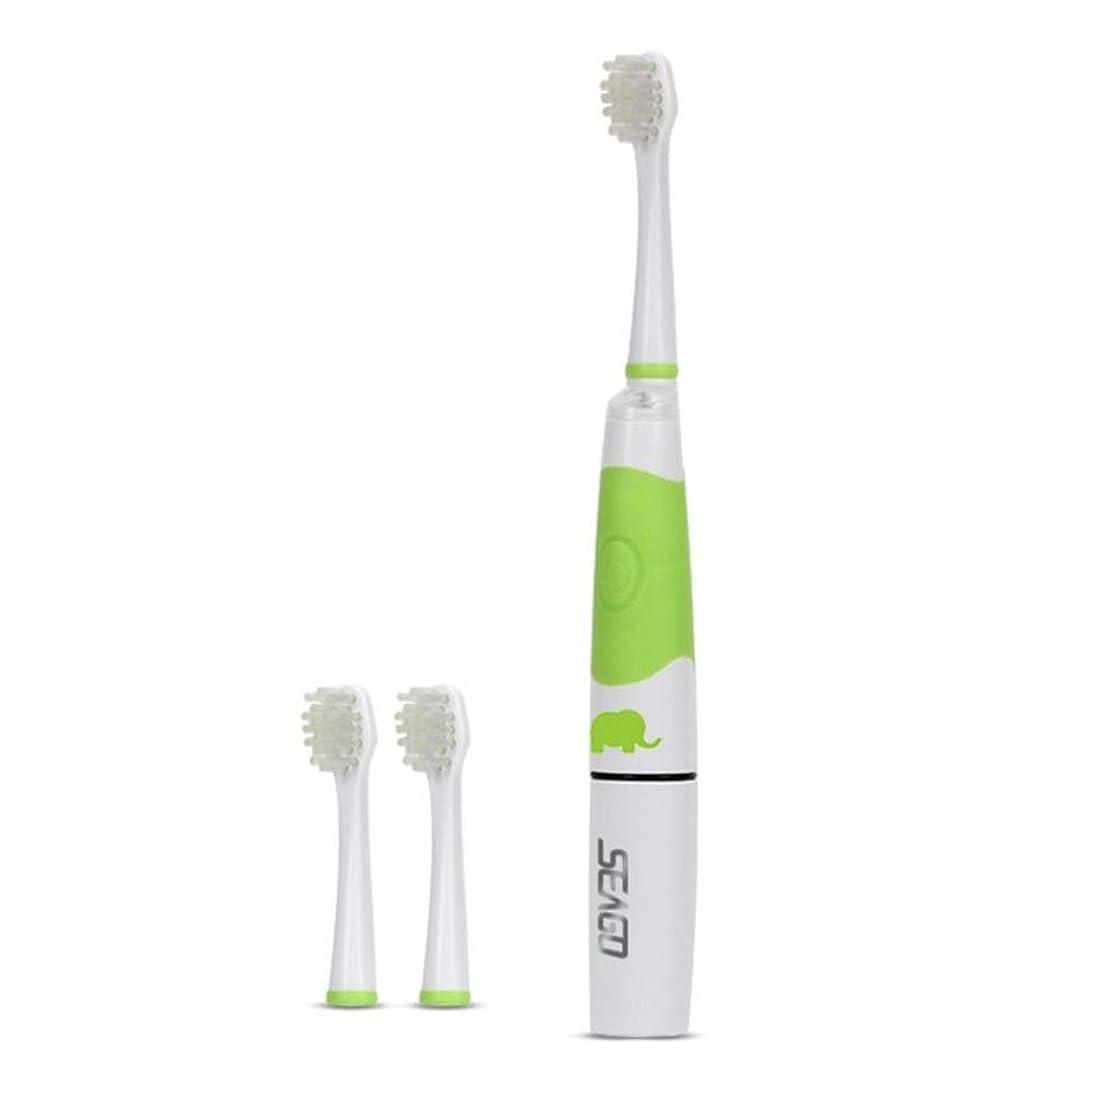 手術契約不条理SOOKi 子供ソニック電動歯ブラシLEDライトキッズソニック歯ブラシスマートリマインダー赤ちゃんの歯ブラシ幼児歯ブラシで余分2交換可能なブラシヘッド用2-7子供,Green